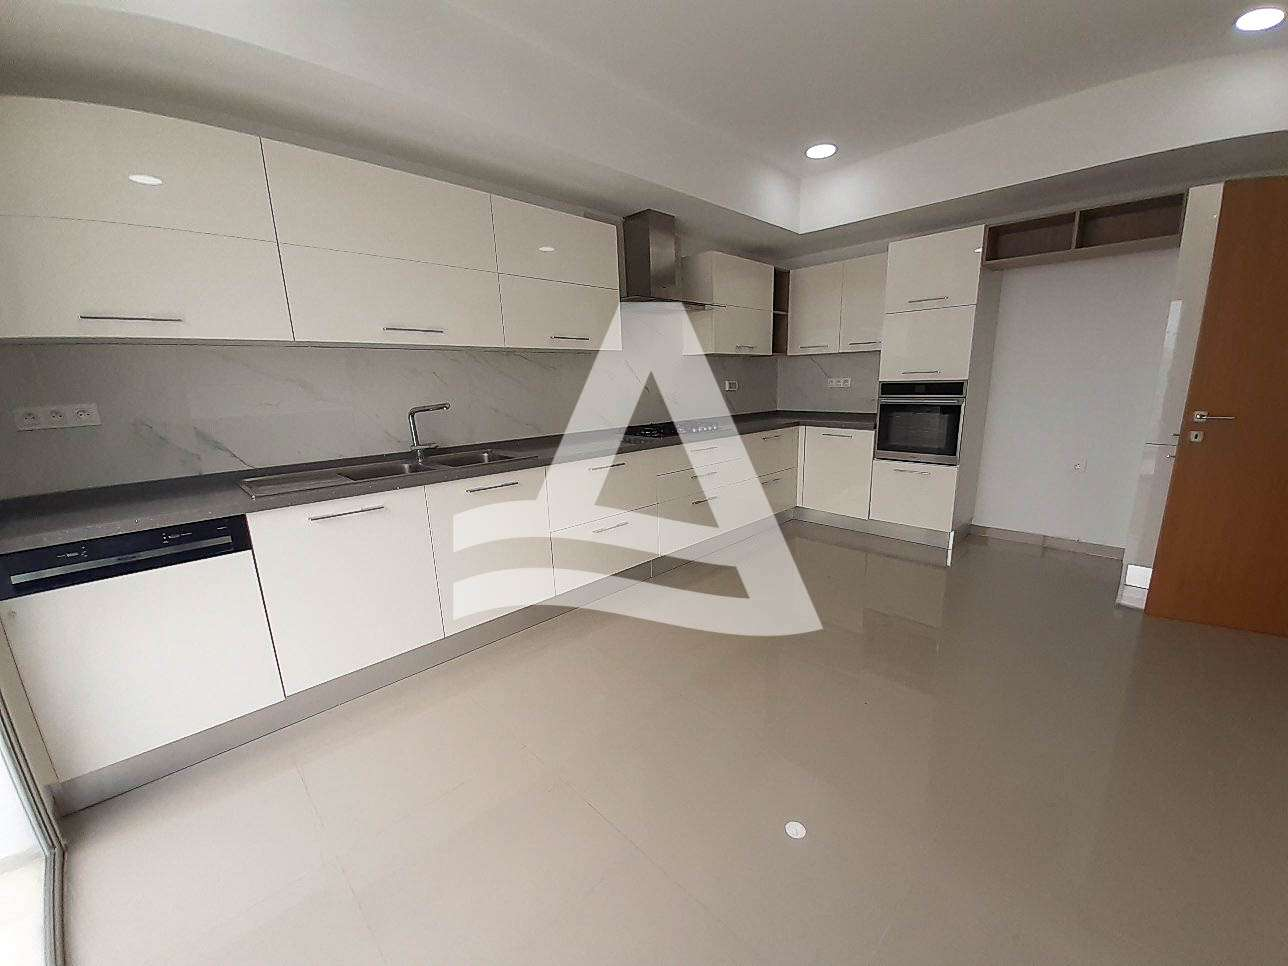 httpss3.amazonaws.comlogimoawsarcane_immobiliere_la_marsa_-_location-_vente_la_marsa_-18_1583333549994